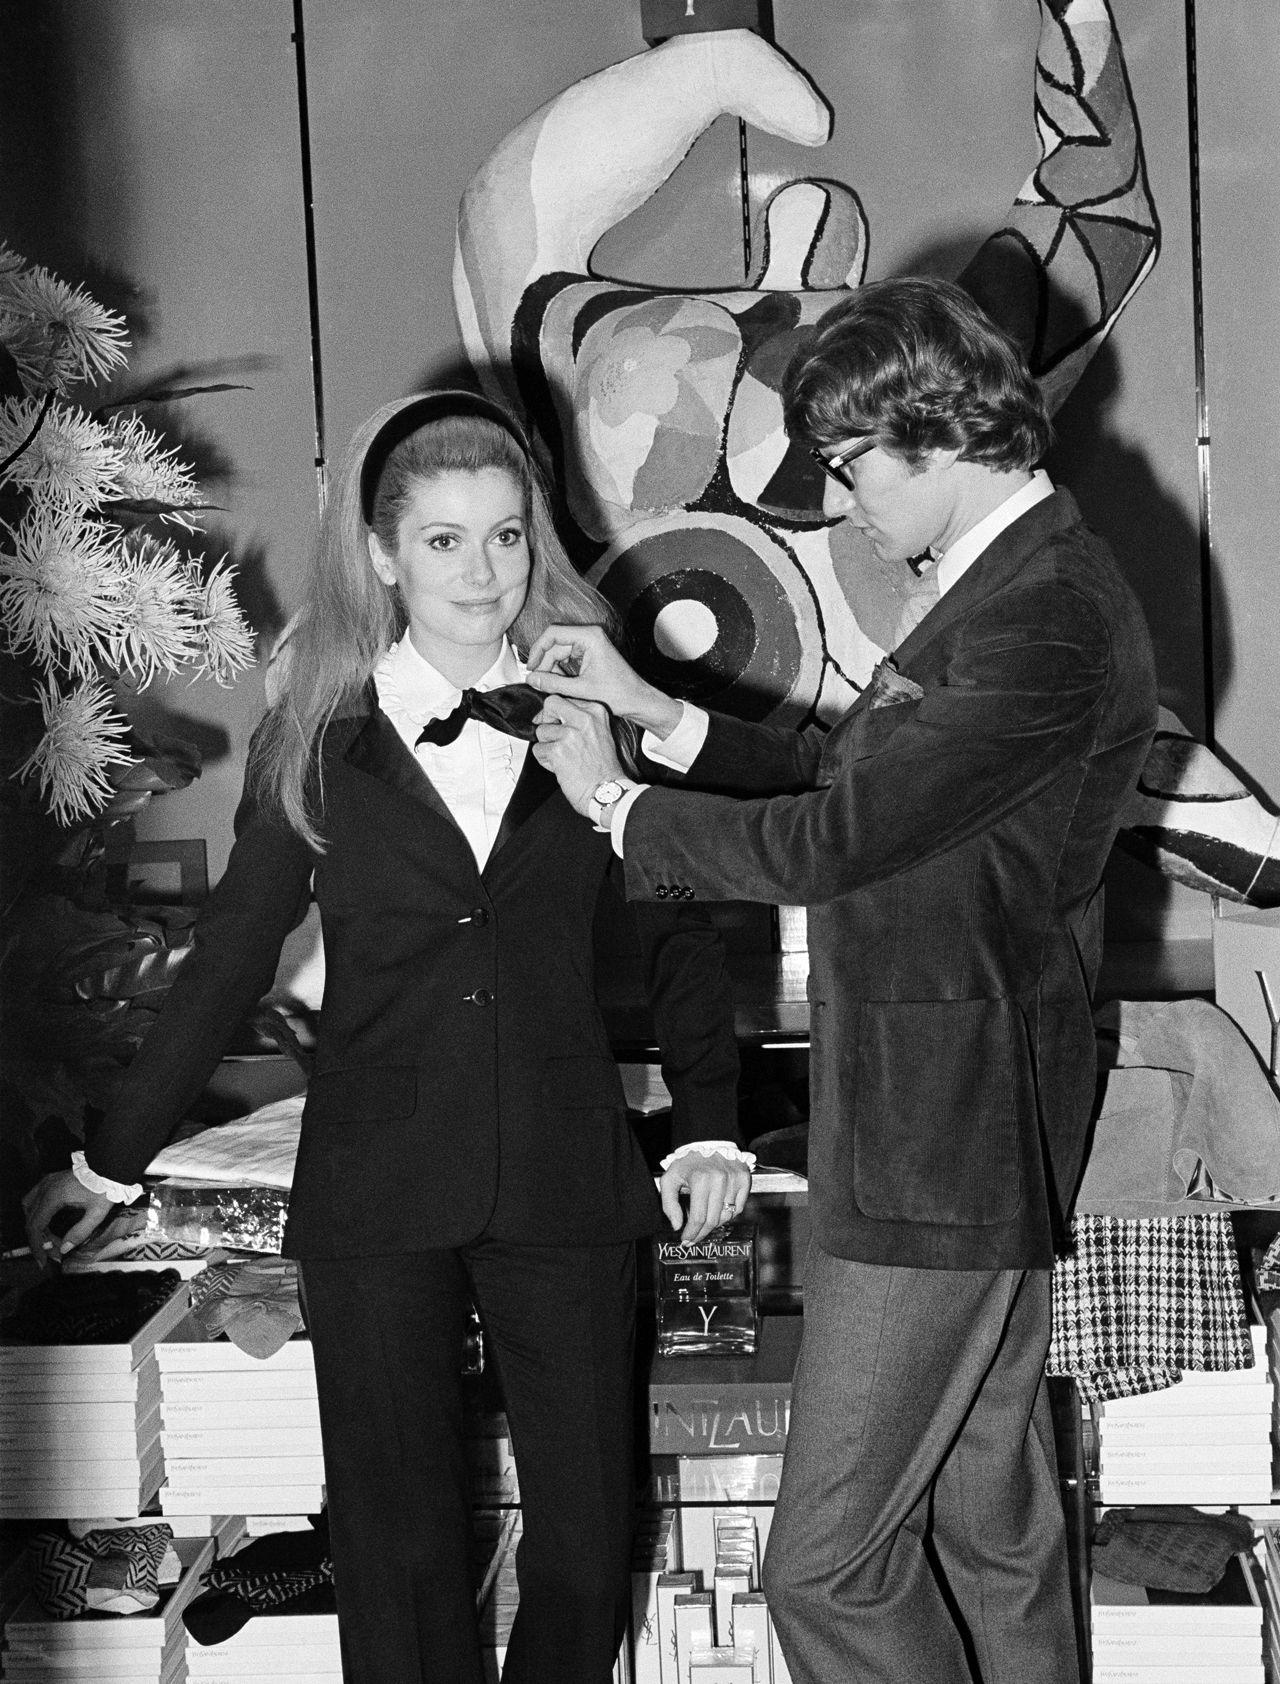 YSL habillant Catherine Deneuve d'un smoking, 1966